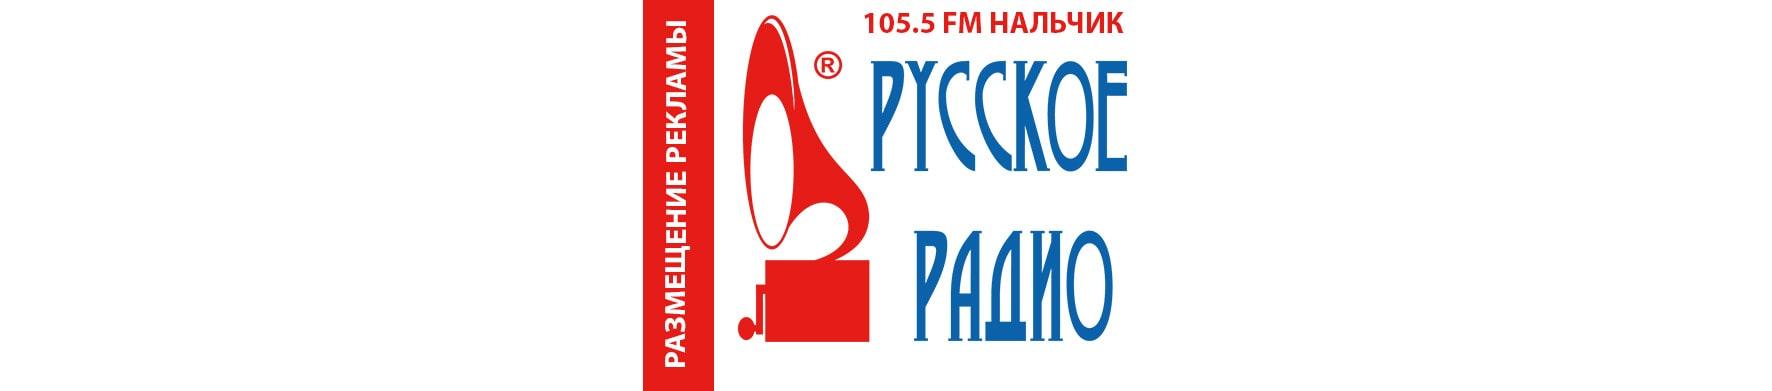 Реклама на радио в Кабардино-Балкарии Русское Радио